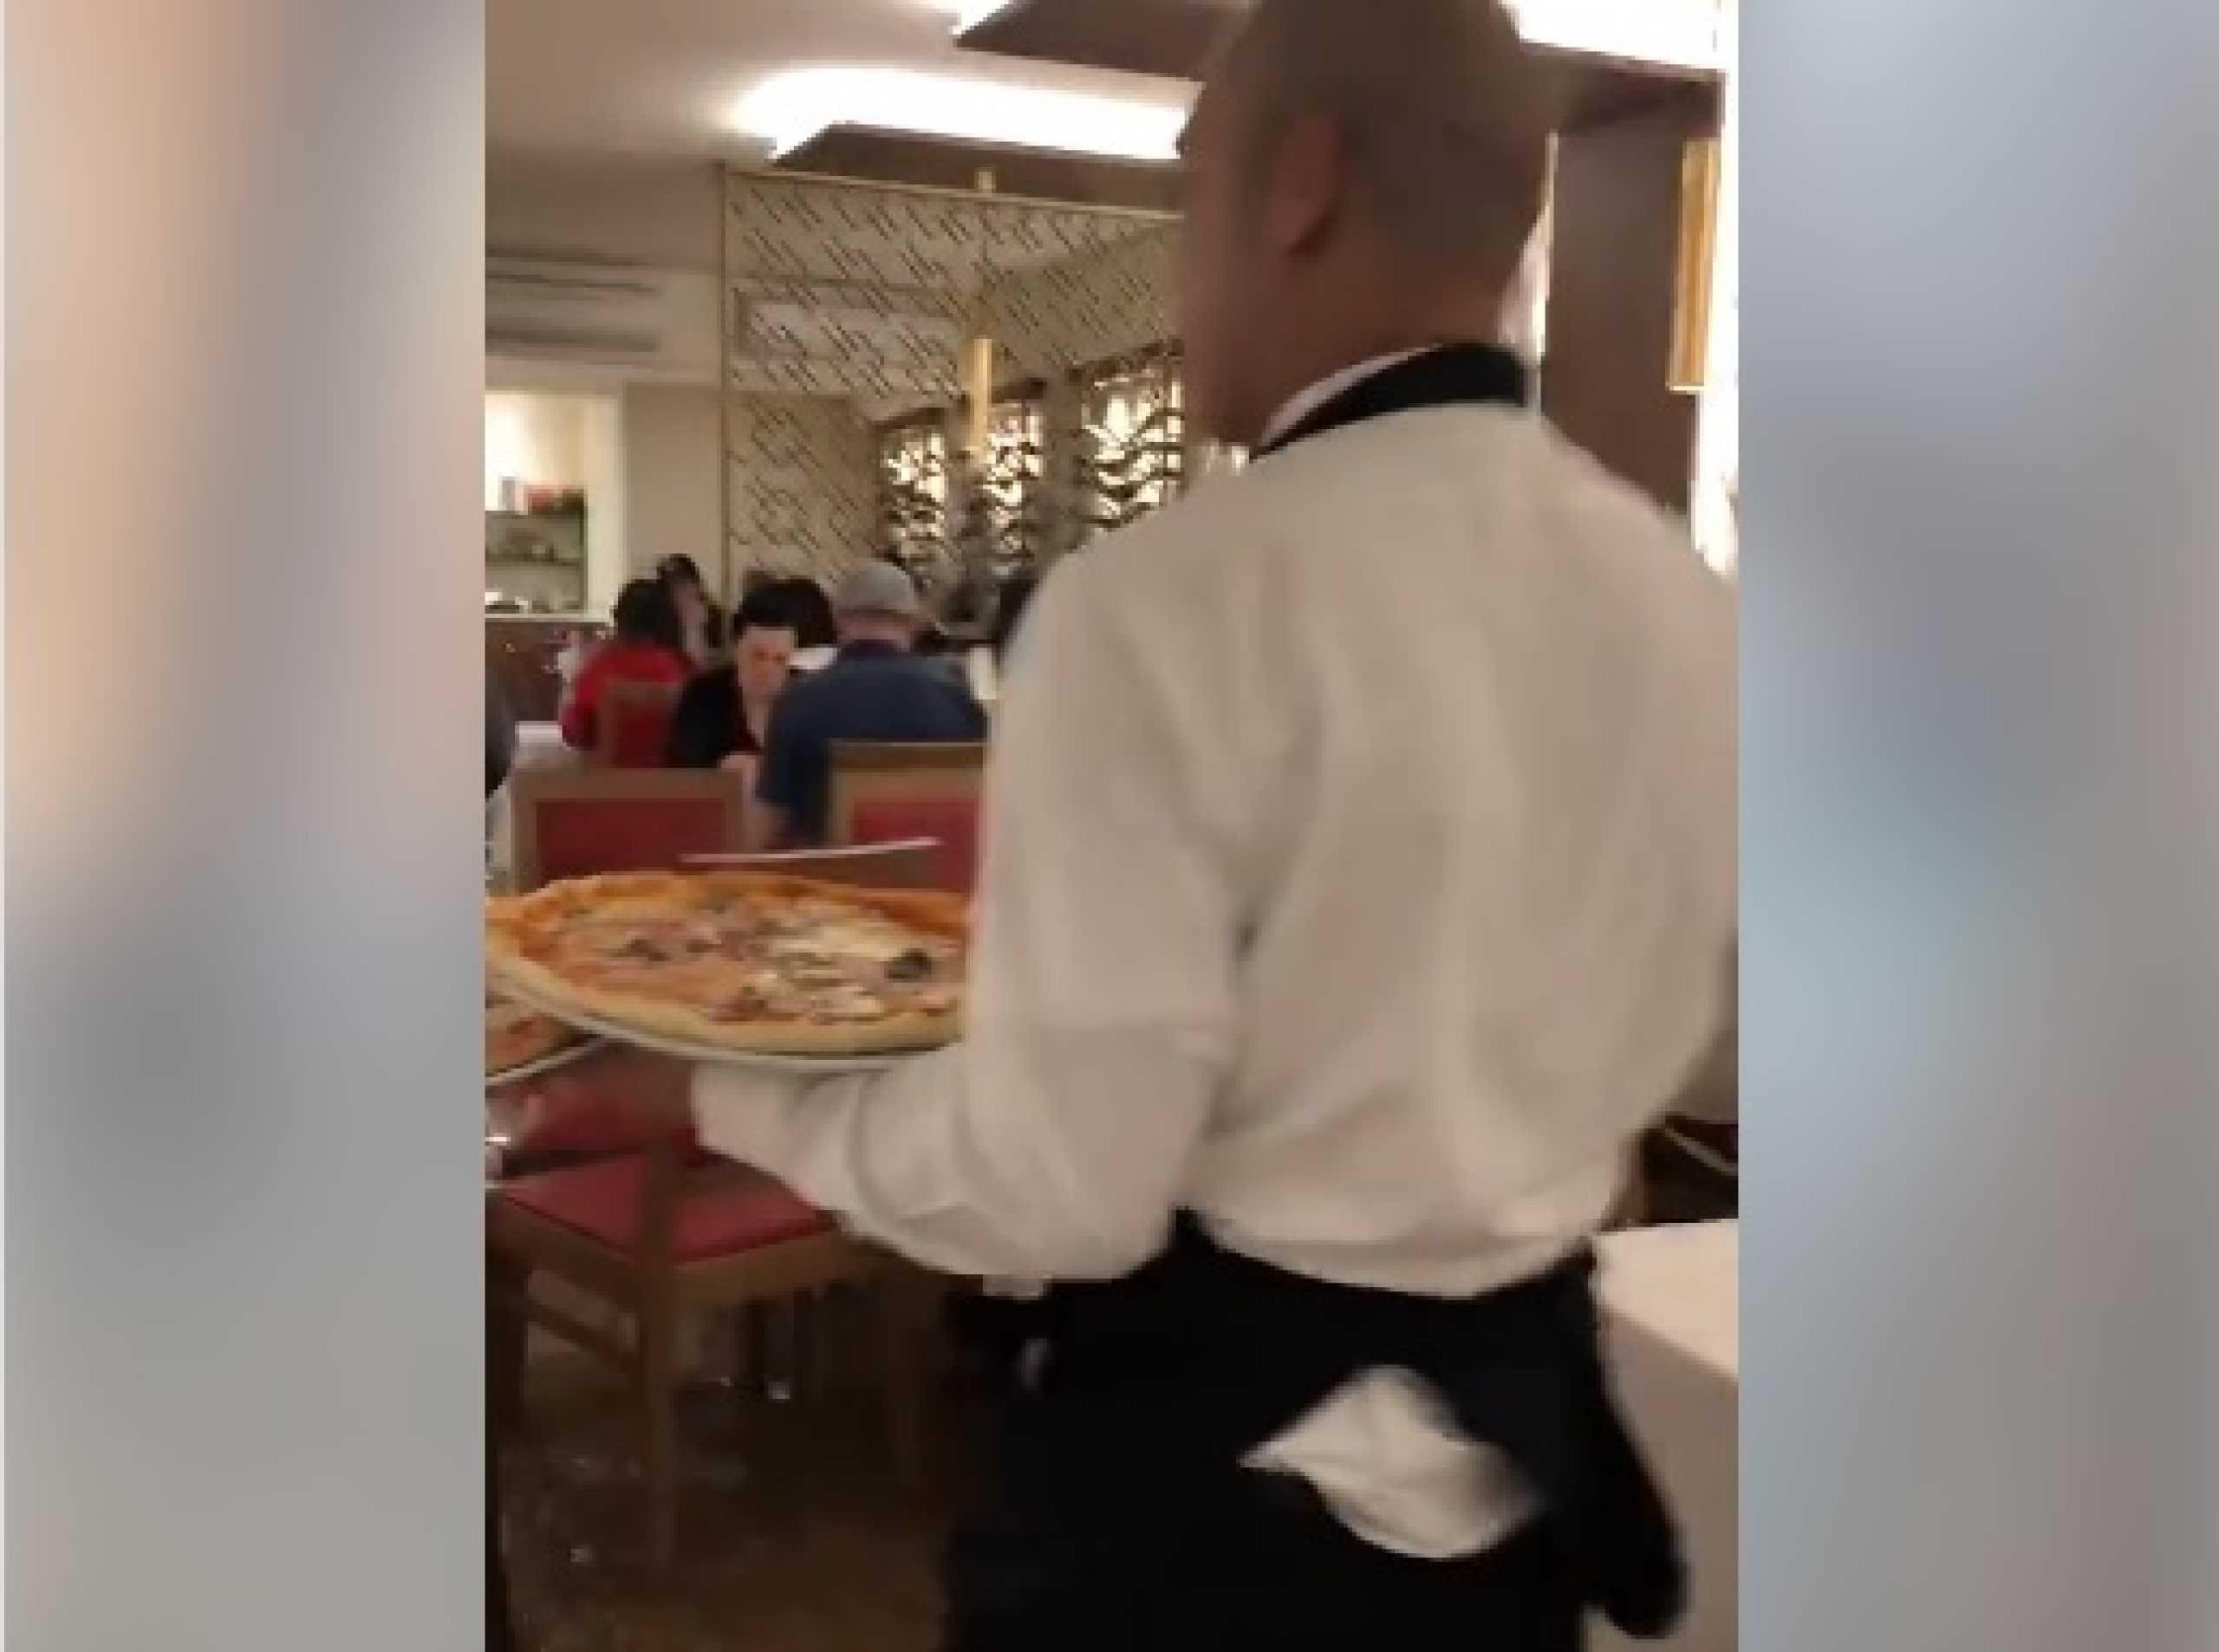 Mesmo com água pelos joelhos, nesta pizzaria não se deixa de trabalhar